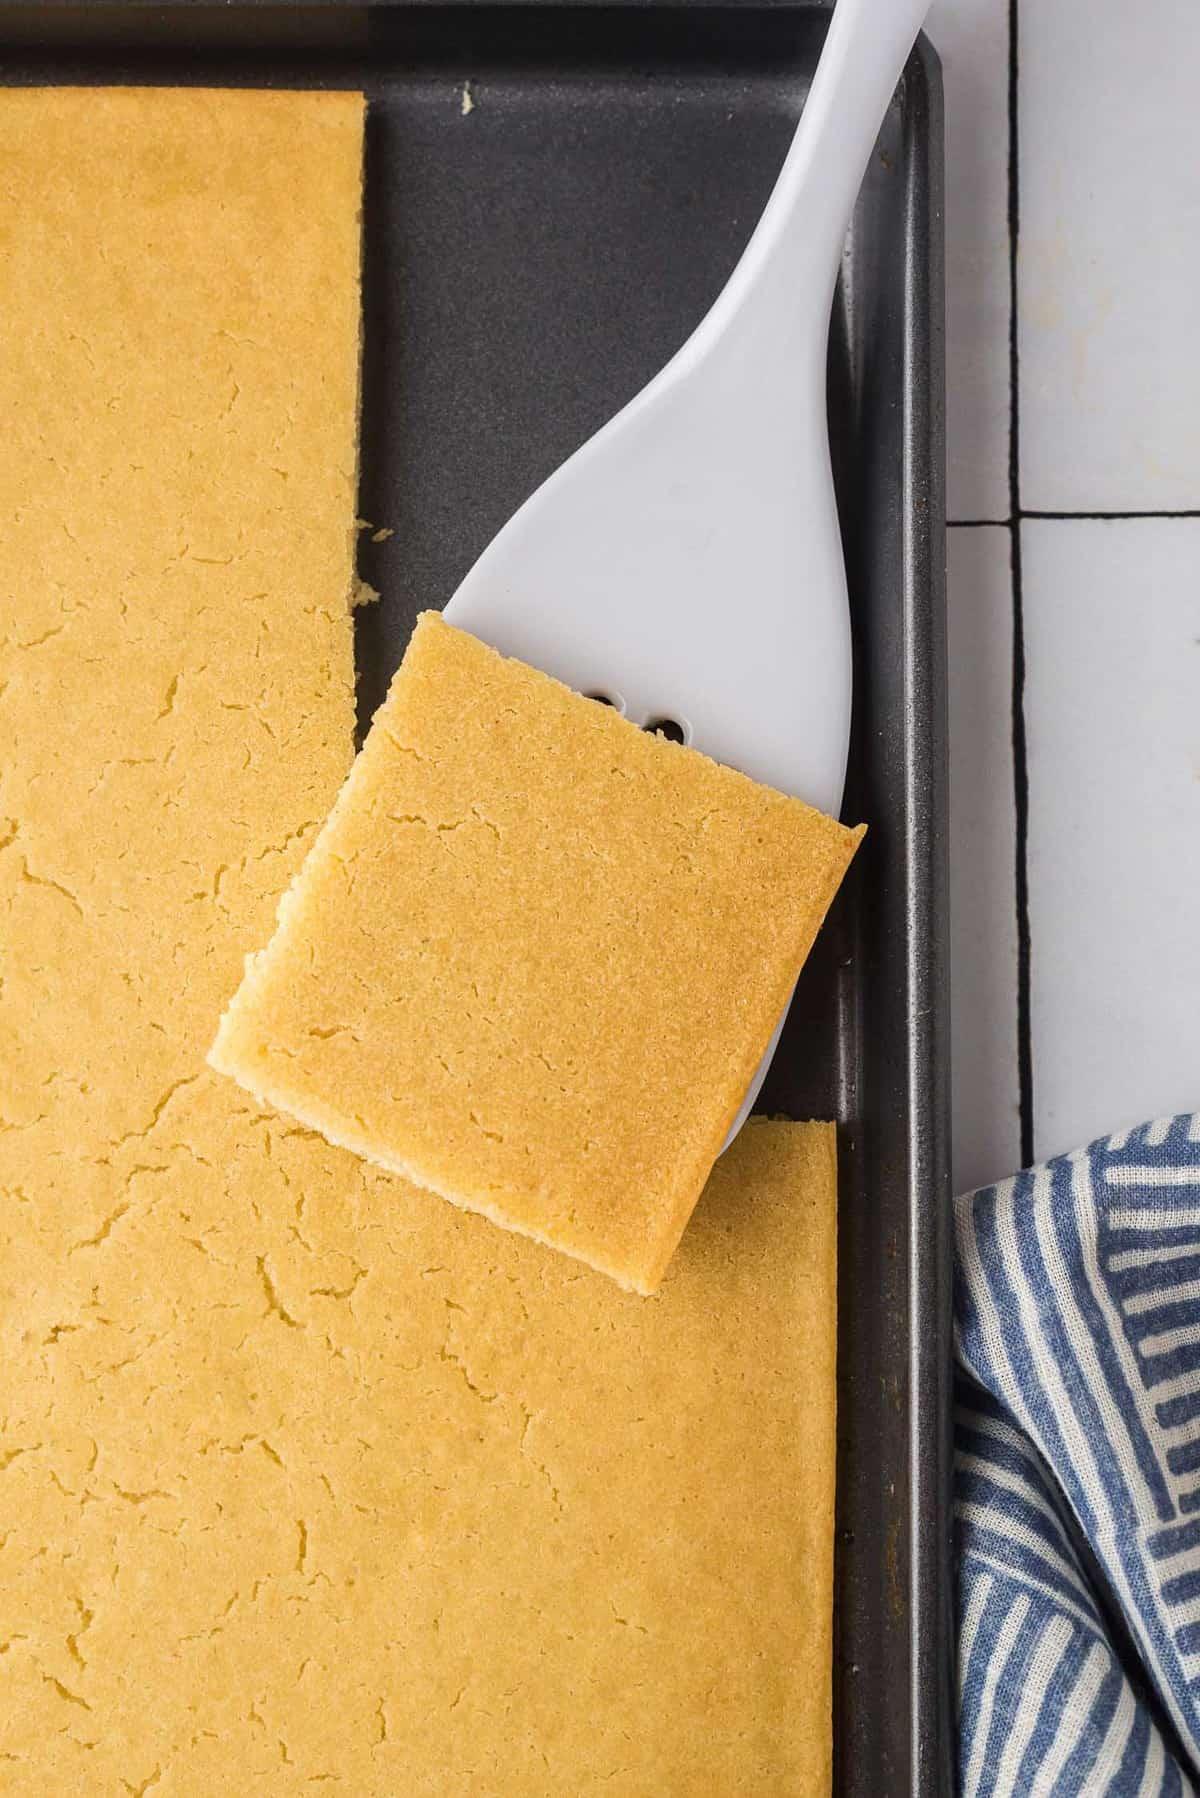 Close up of a square cut pancake on a spatula.